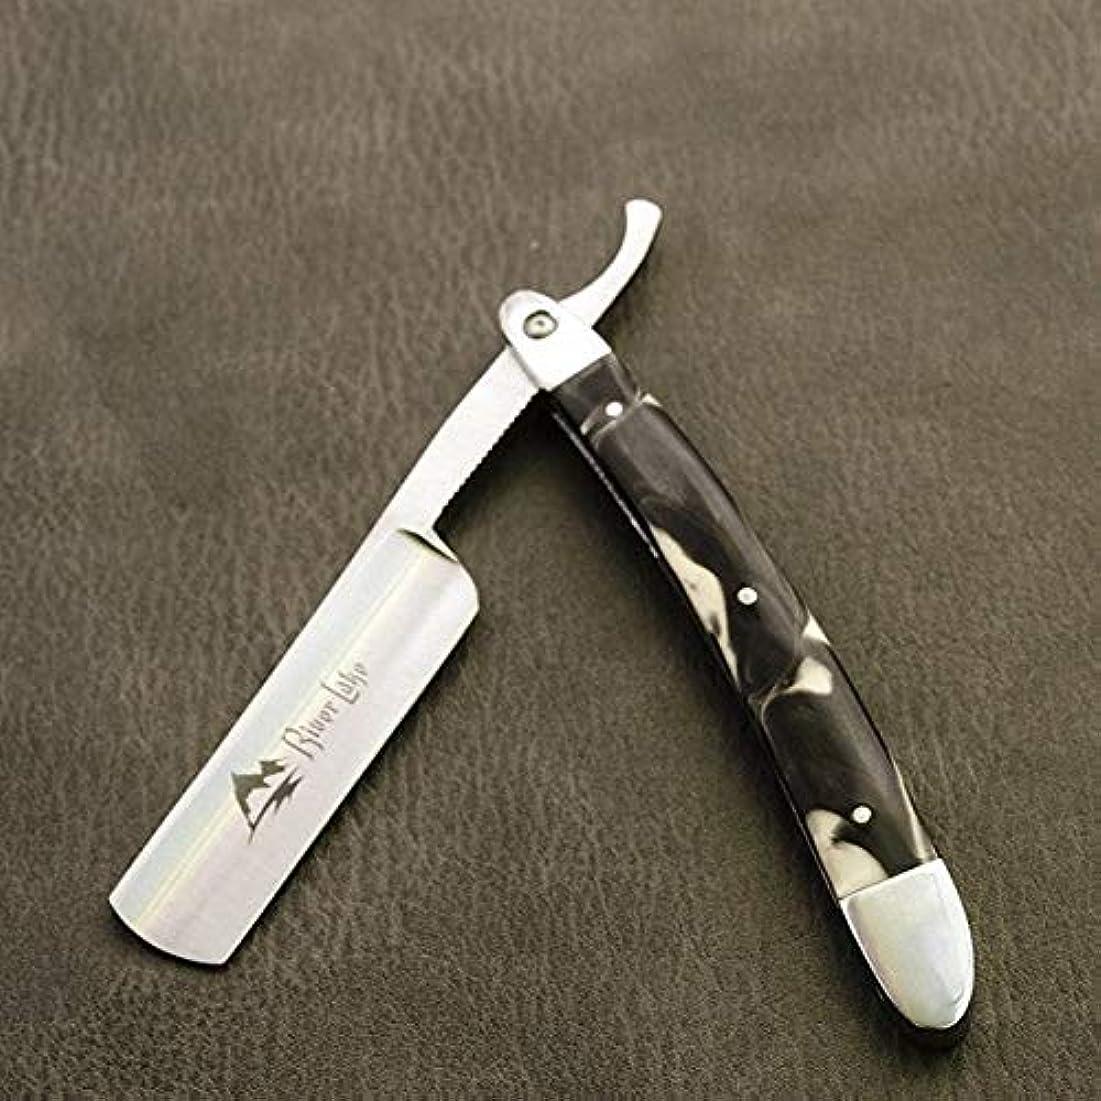 無効寄託知り合いになるKlaxiaz - 高品質男性ヴィンテージストレートエッジステンレス鋼髪シェイパー理容カミソリ折りたたみマニュアルシェービングナイフ